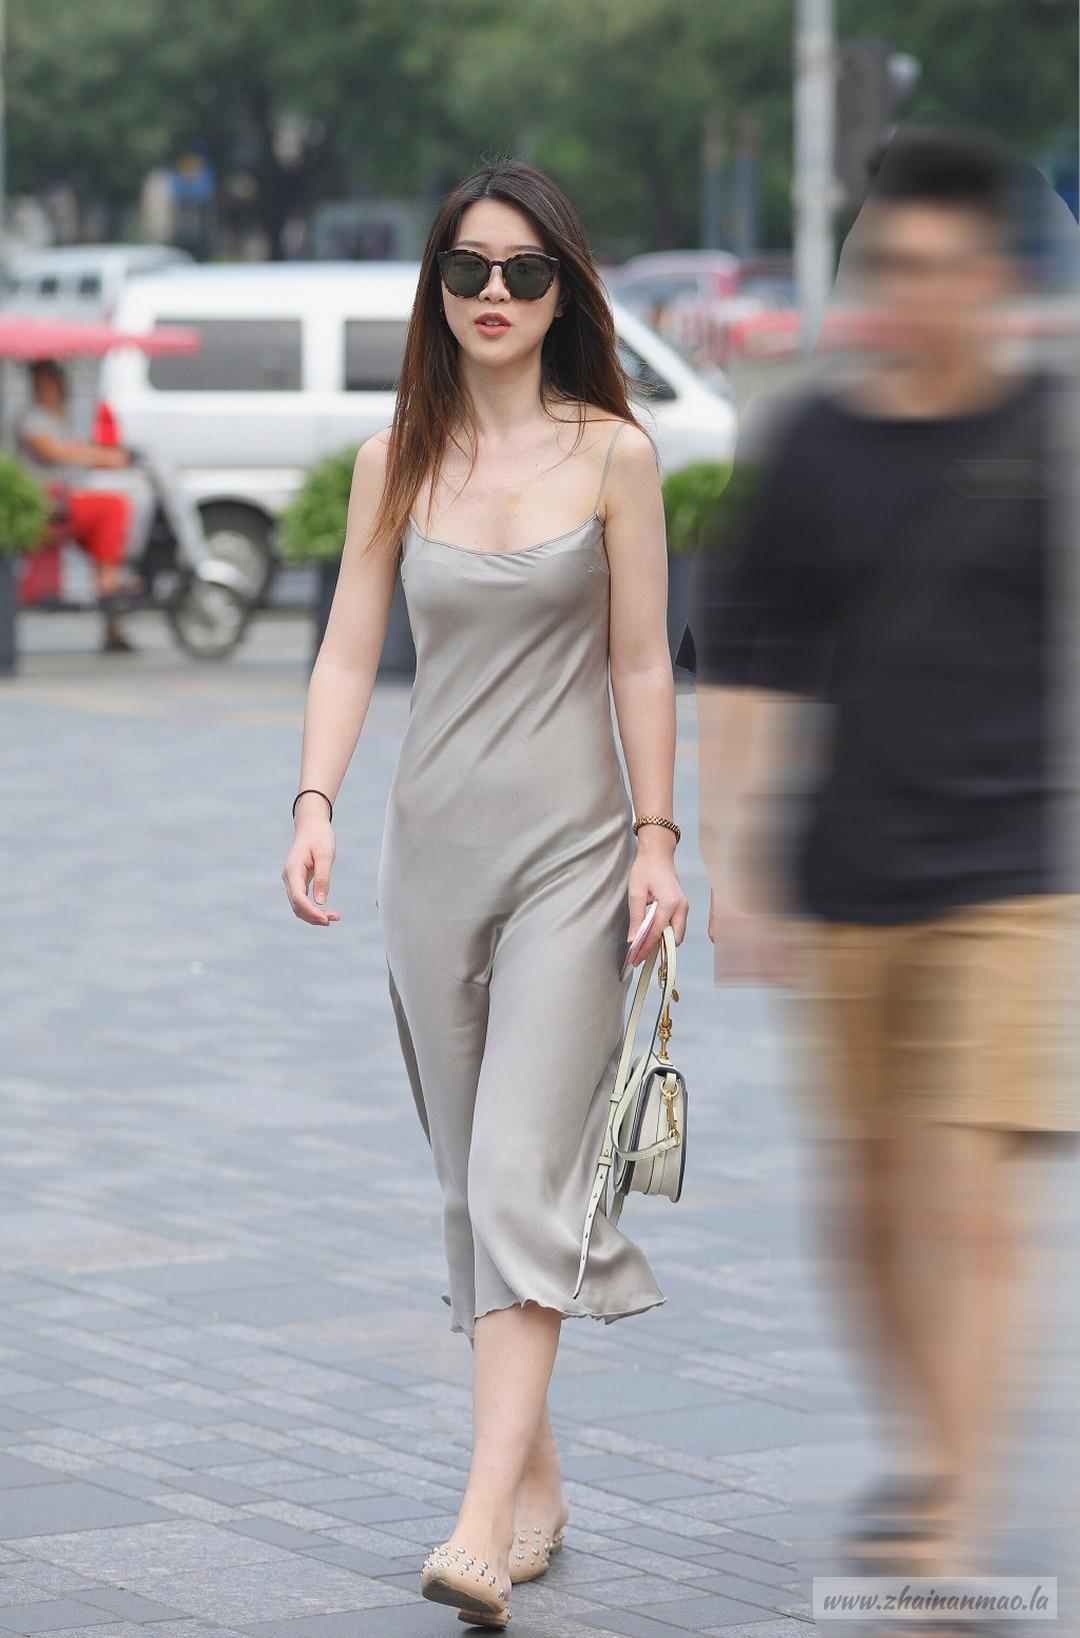 街拍:丝滑美女好身段隐约可见丁字裤